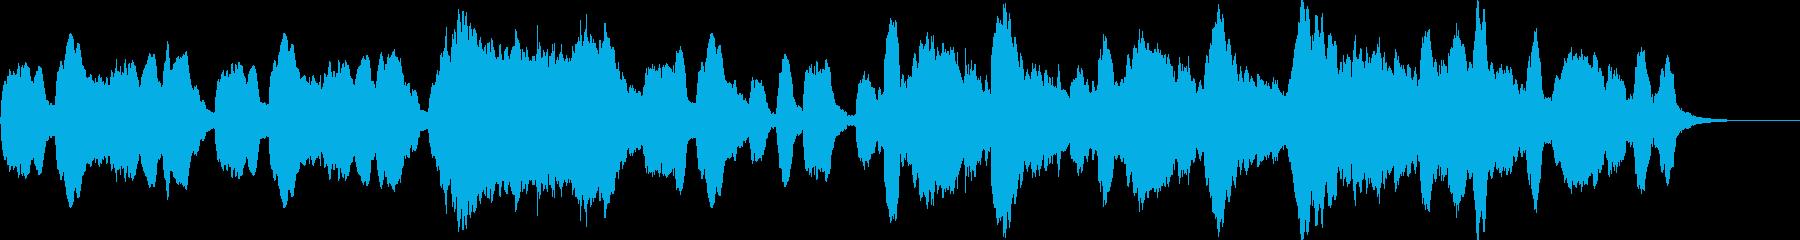 のんびりする優しい木管三重奏の再生済みの波形